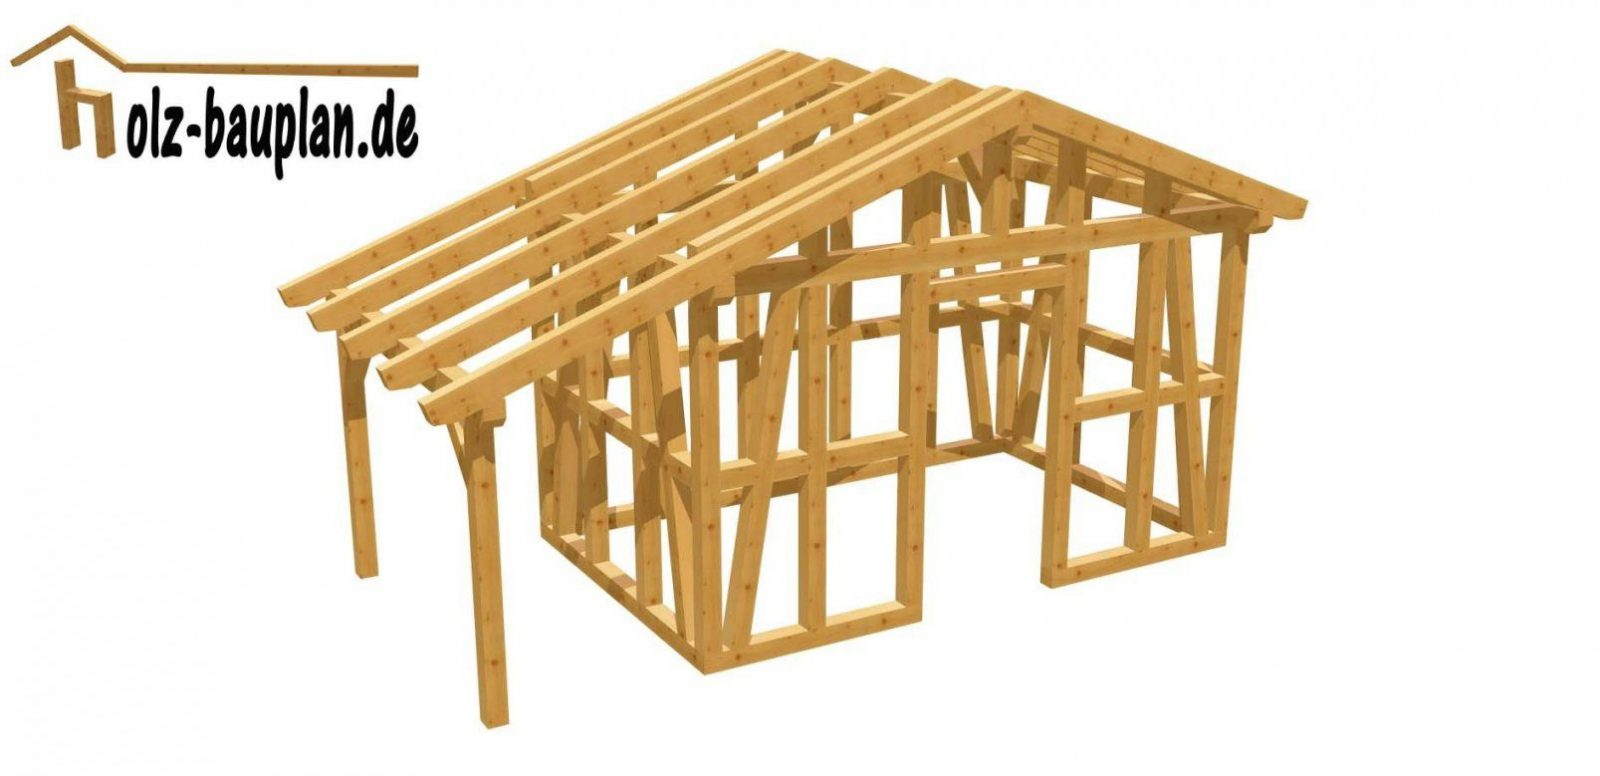 Holzhaus Selber Bauen Erstaunlich Auf Kreative Deko Ideen In von Holzhaus Zum Selber Bauen Bild